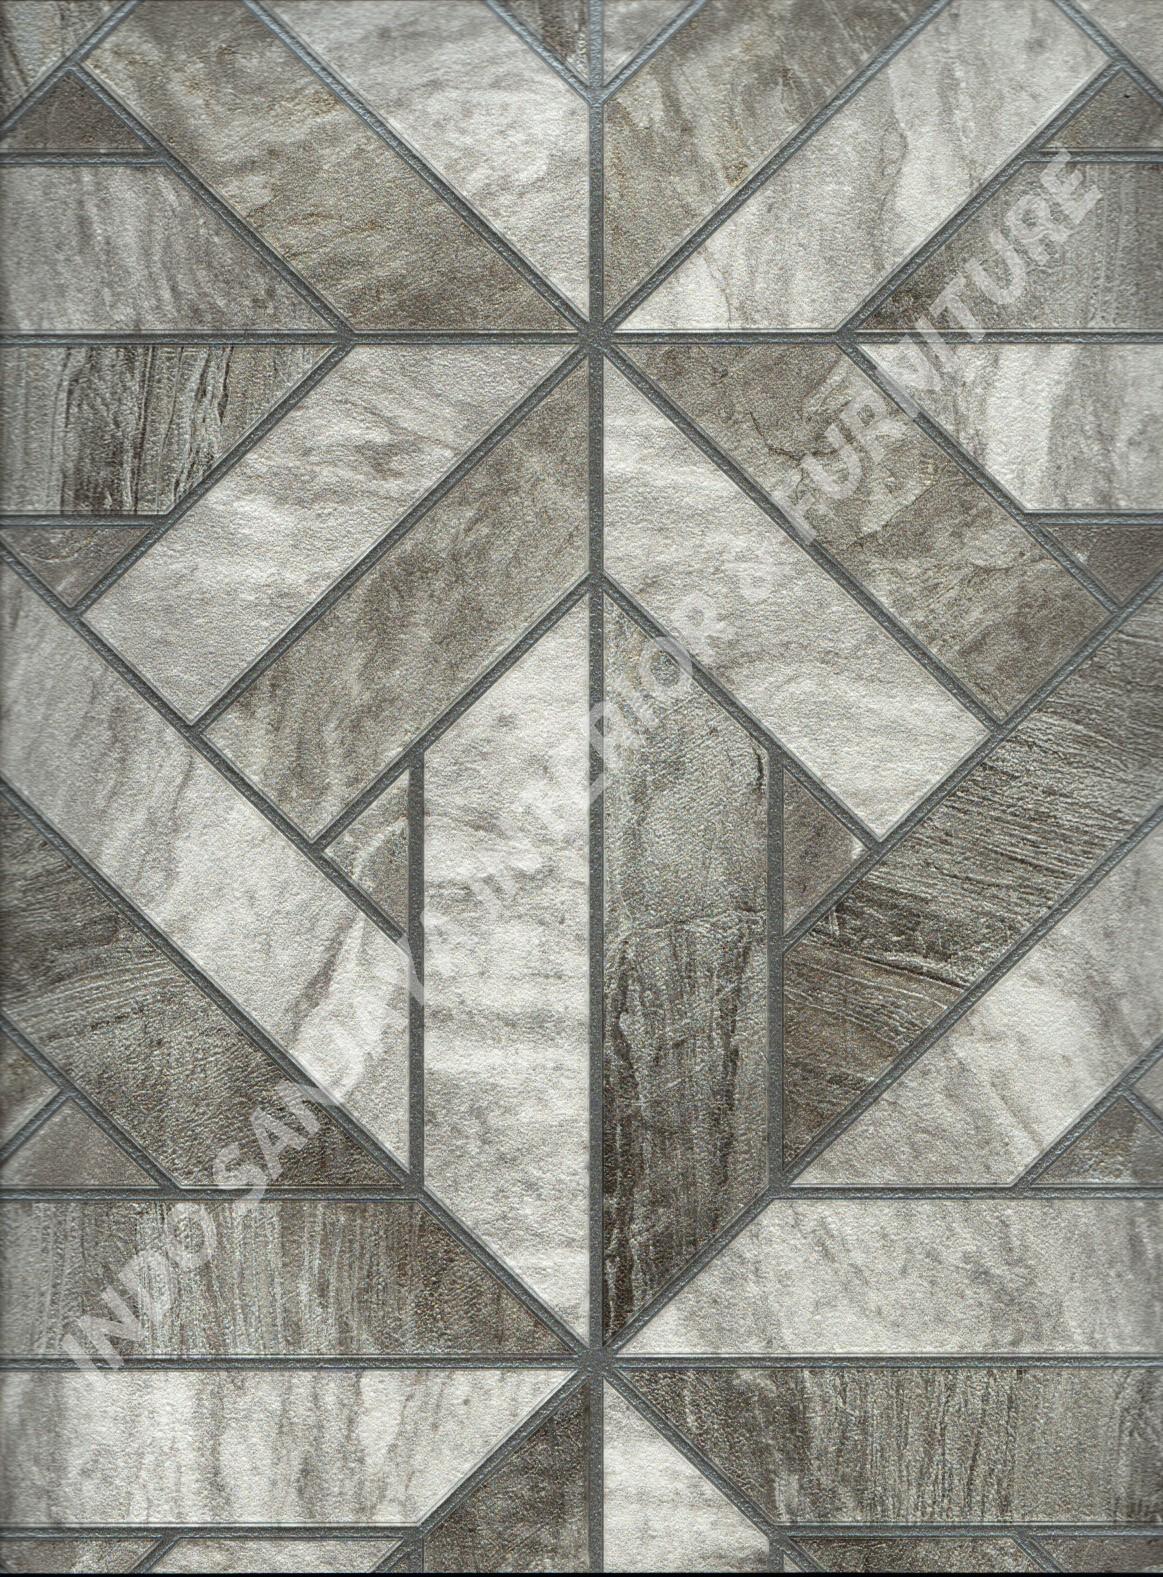 wallpaper   Wallpaper Batu-Batuan 40118-1:40118-1 corak  warna